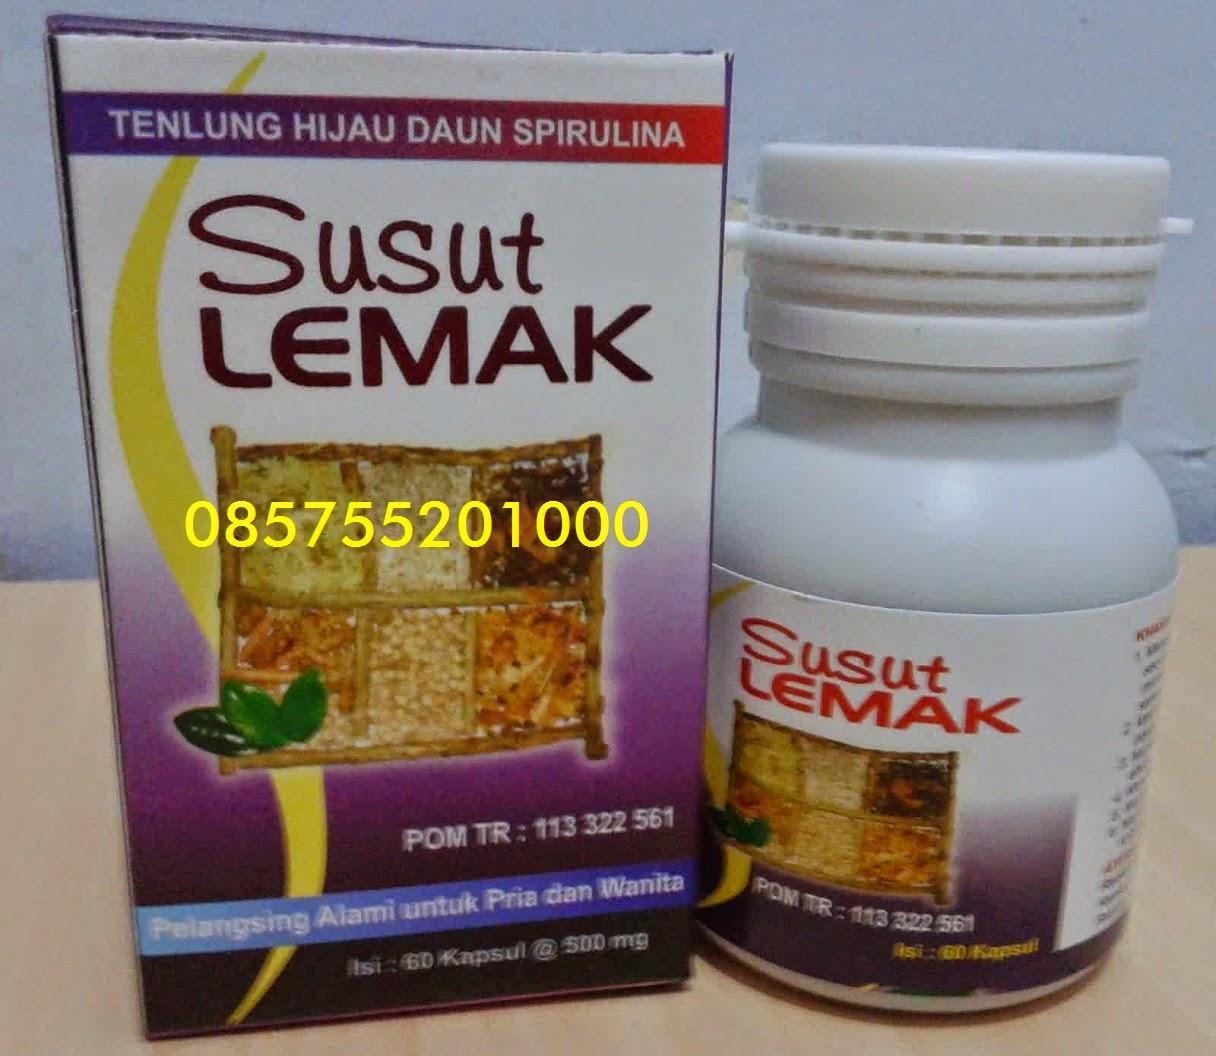 Jual Obat Diet Ampuh Alami Slimaker Harga Murah Kalimantan Timur